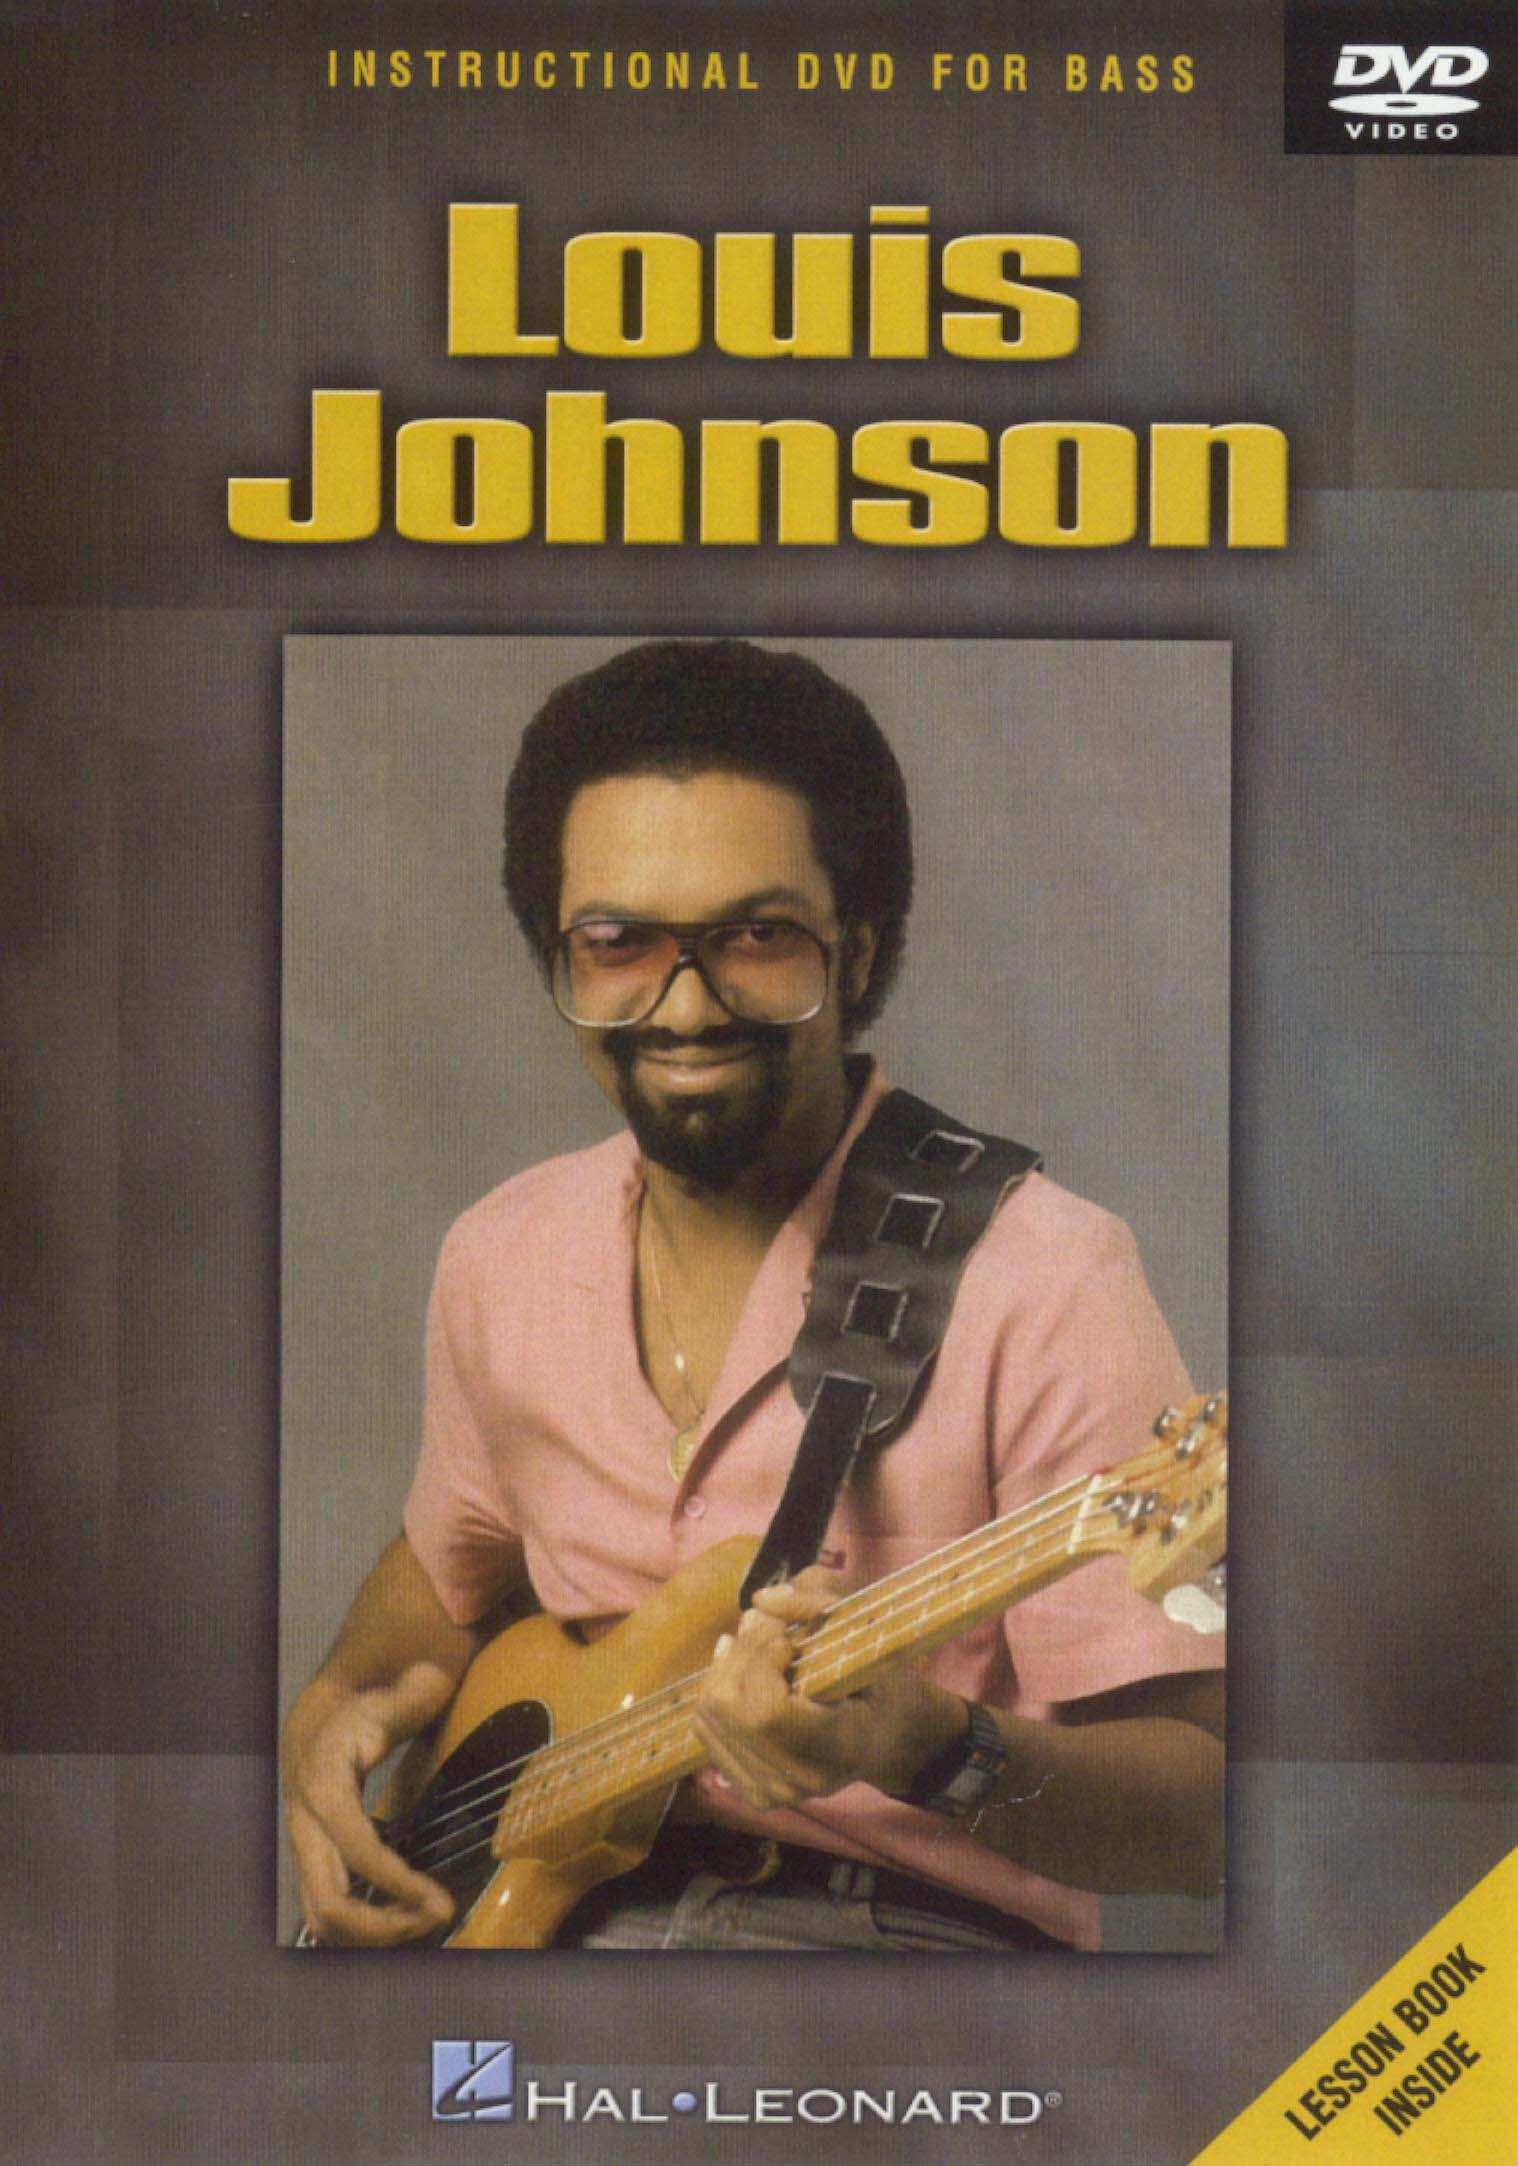 Louis Johnson: Instructional DVD for Bass